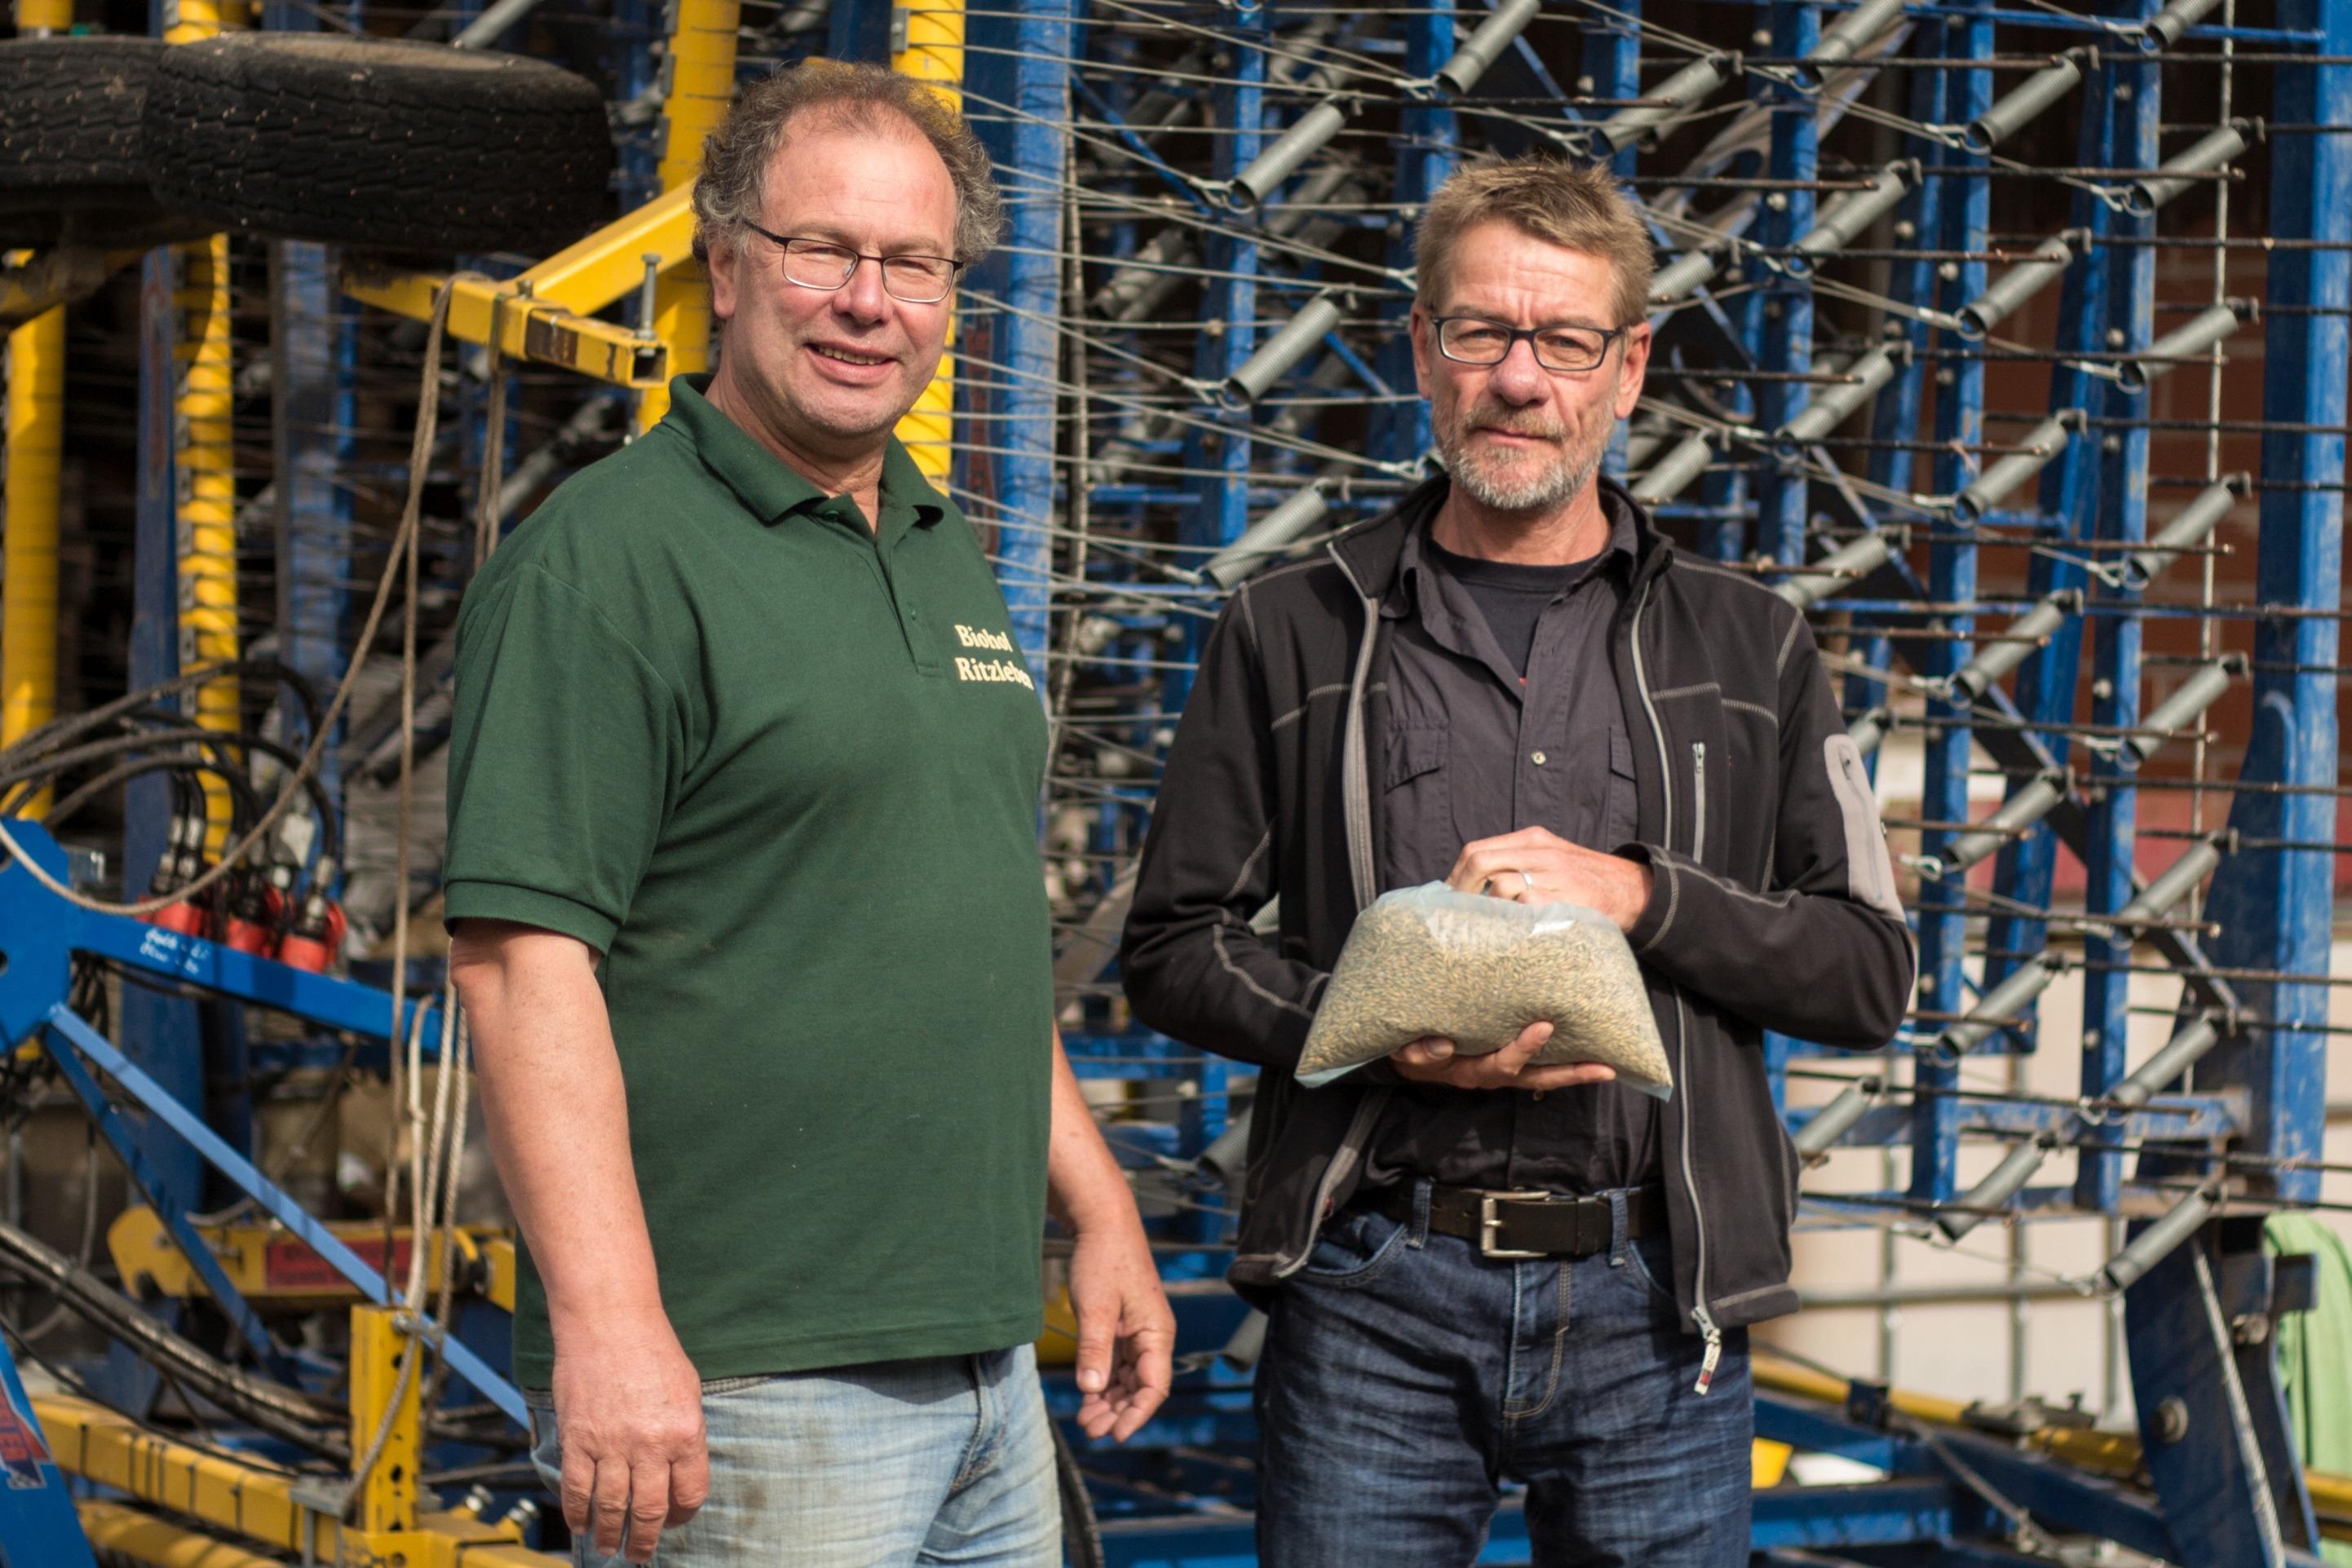 Glutenfreier-Hafer_Carsten-Niemann-re_Friedrich-Gabe-li_nach-Probenziehung_Bauck-GmbH